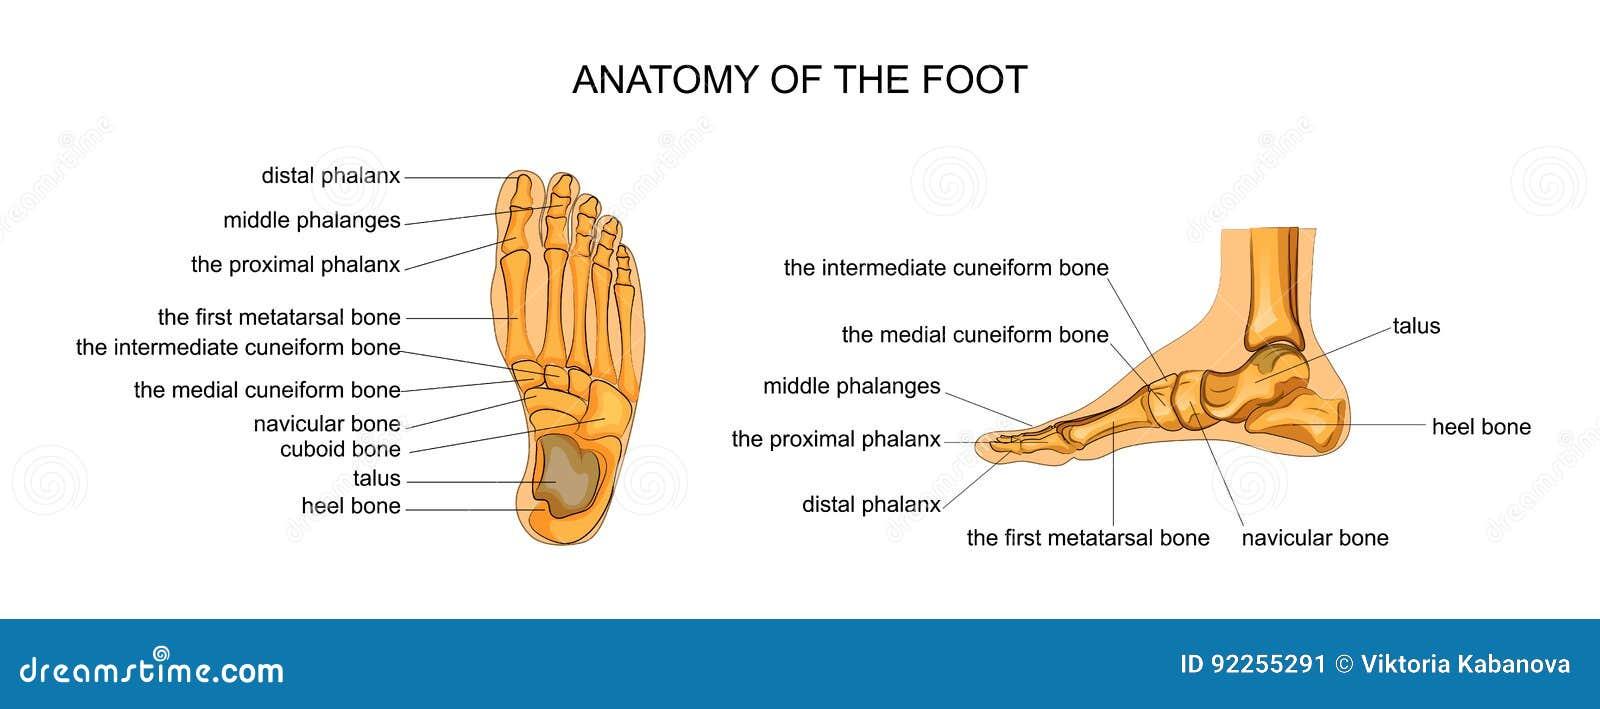 Großzügig Anatomie Des Fußes Und Knöchelverletzungen Bilder ...